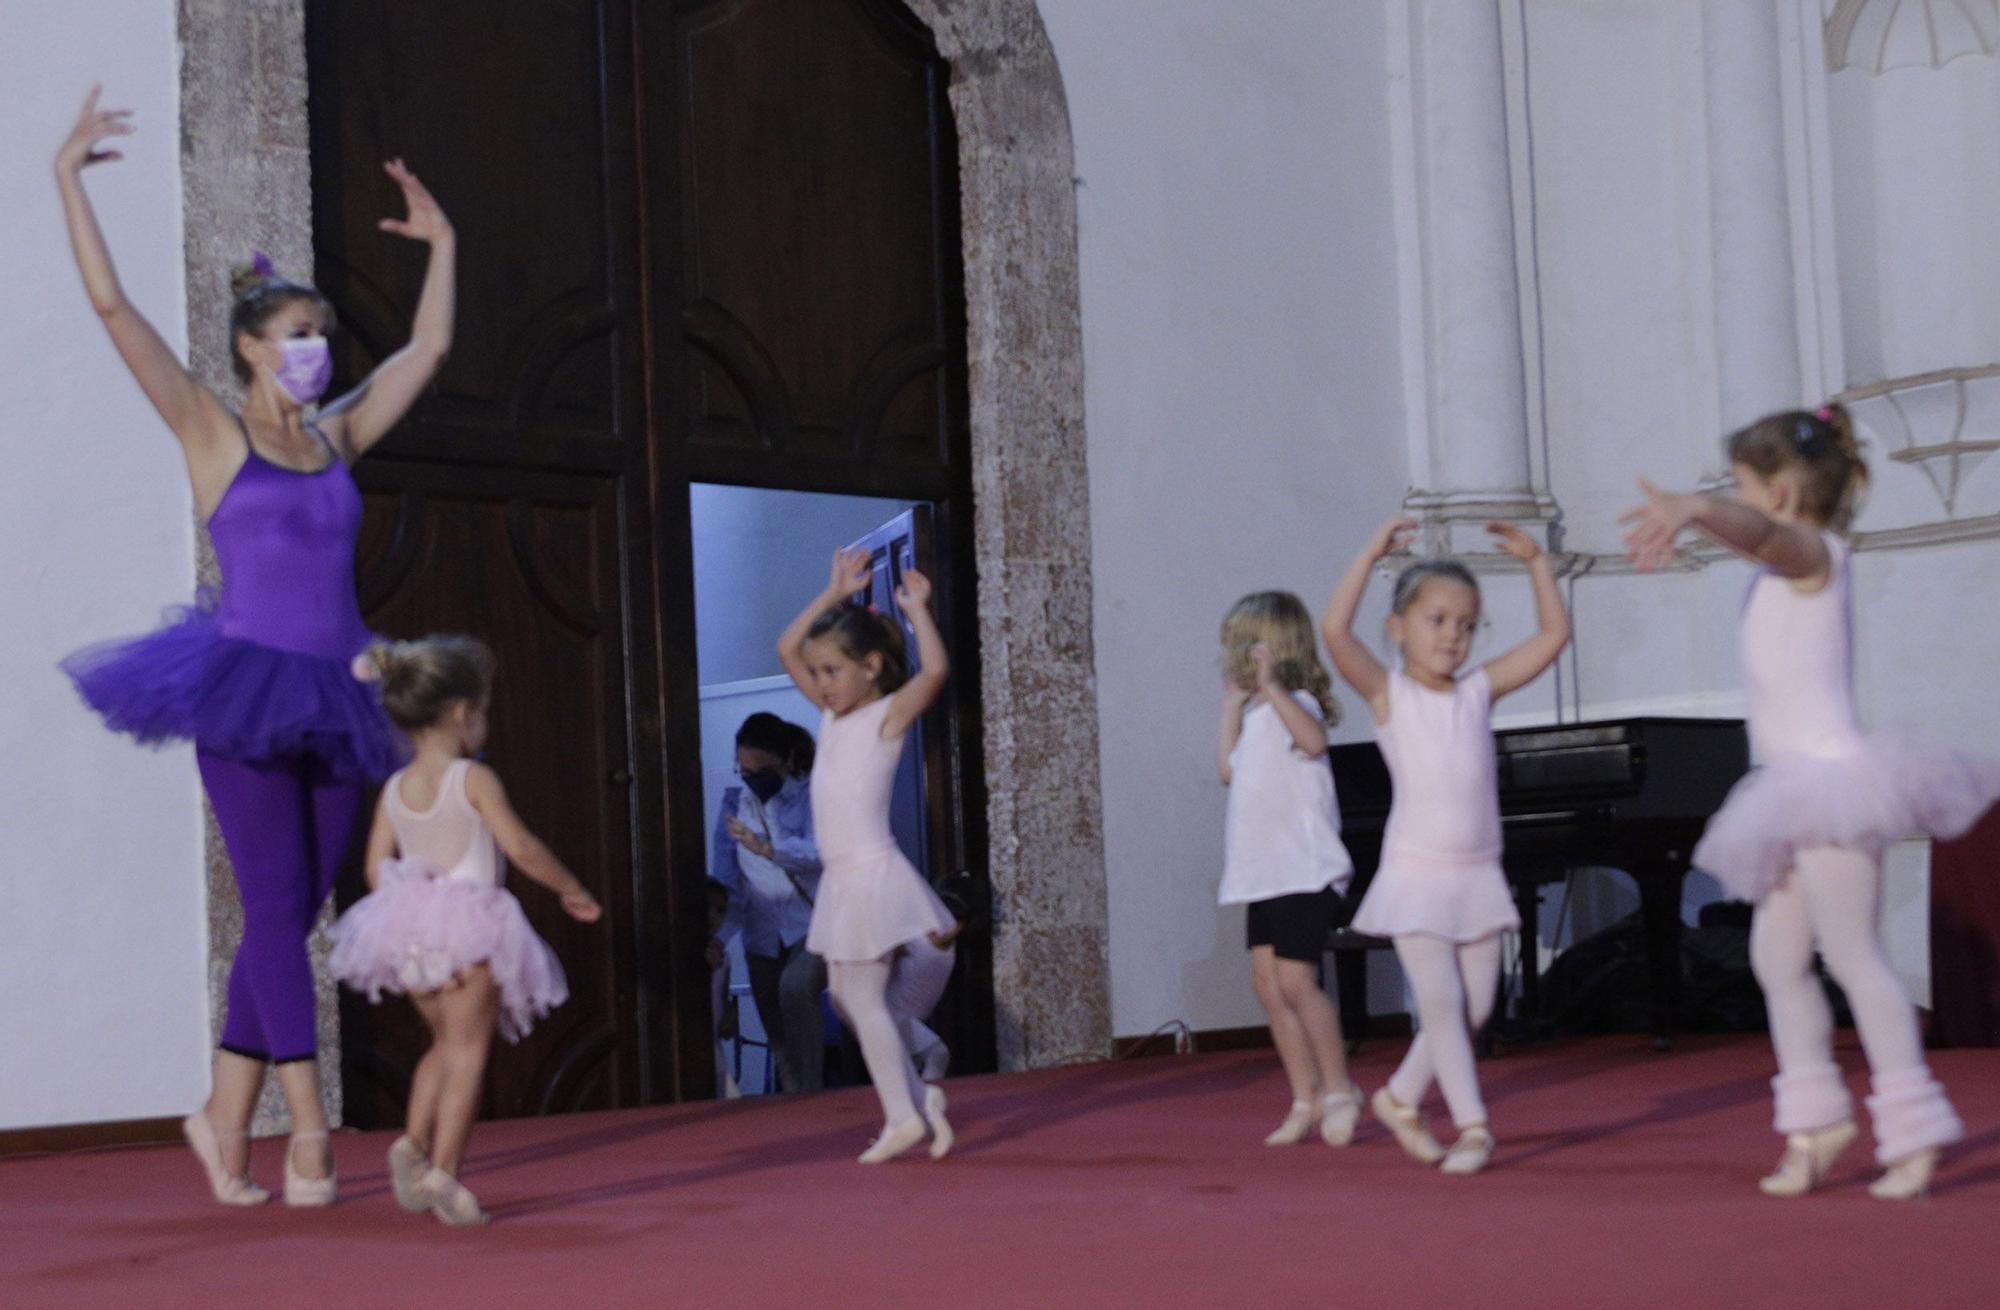 Teguise celebra el día de la danza